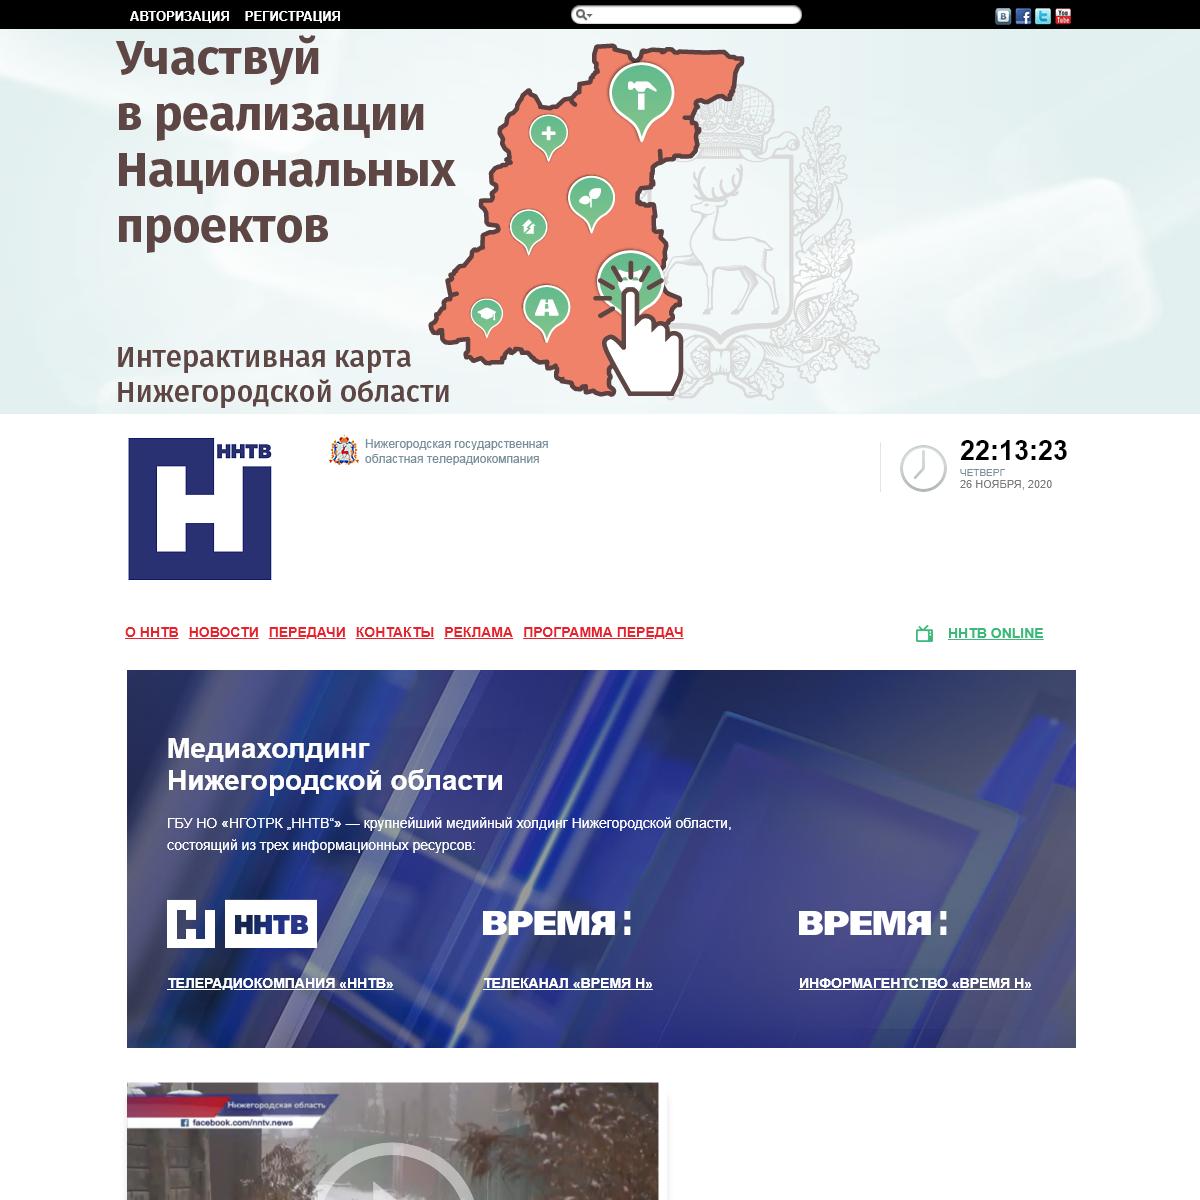 ННТВ - Нижегородская государственная областная телерадиокомпания НН�